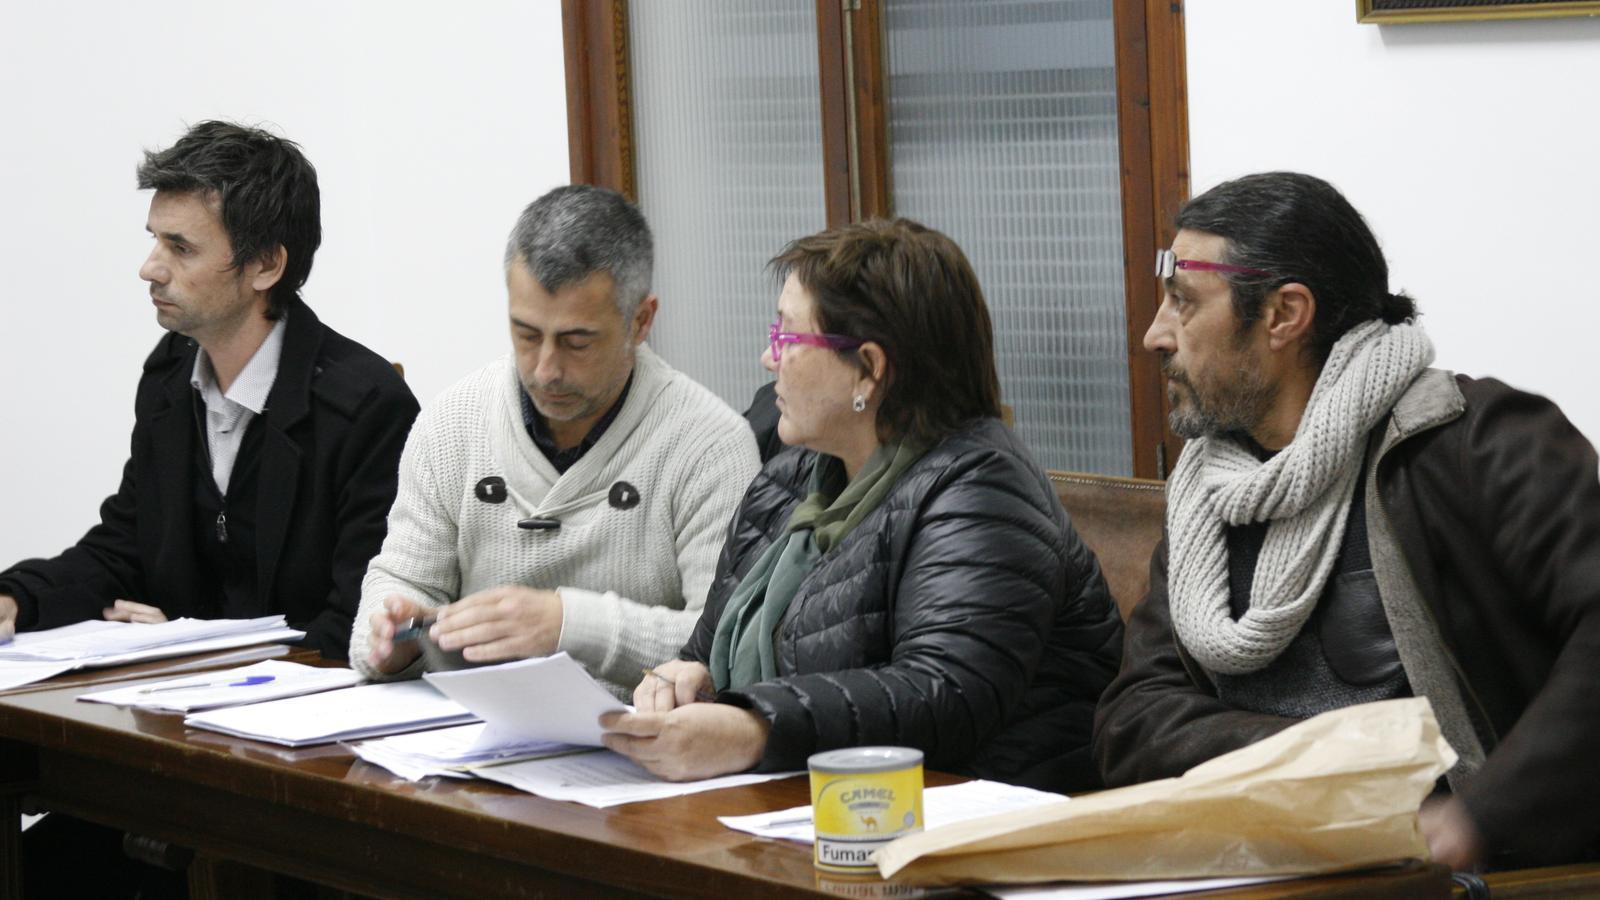 Jaume Català (MÉS), esquerra, ha criticat la forta pressió tributària aplicada per PxP als propietaris d'immobles.